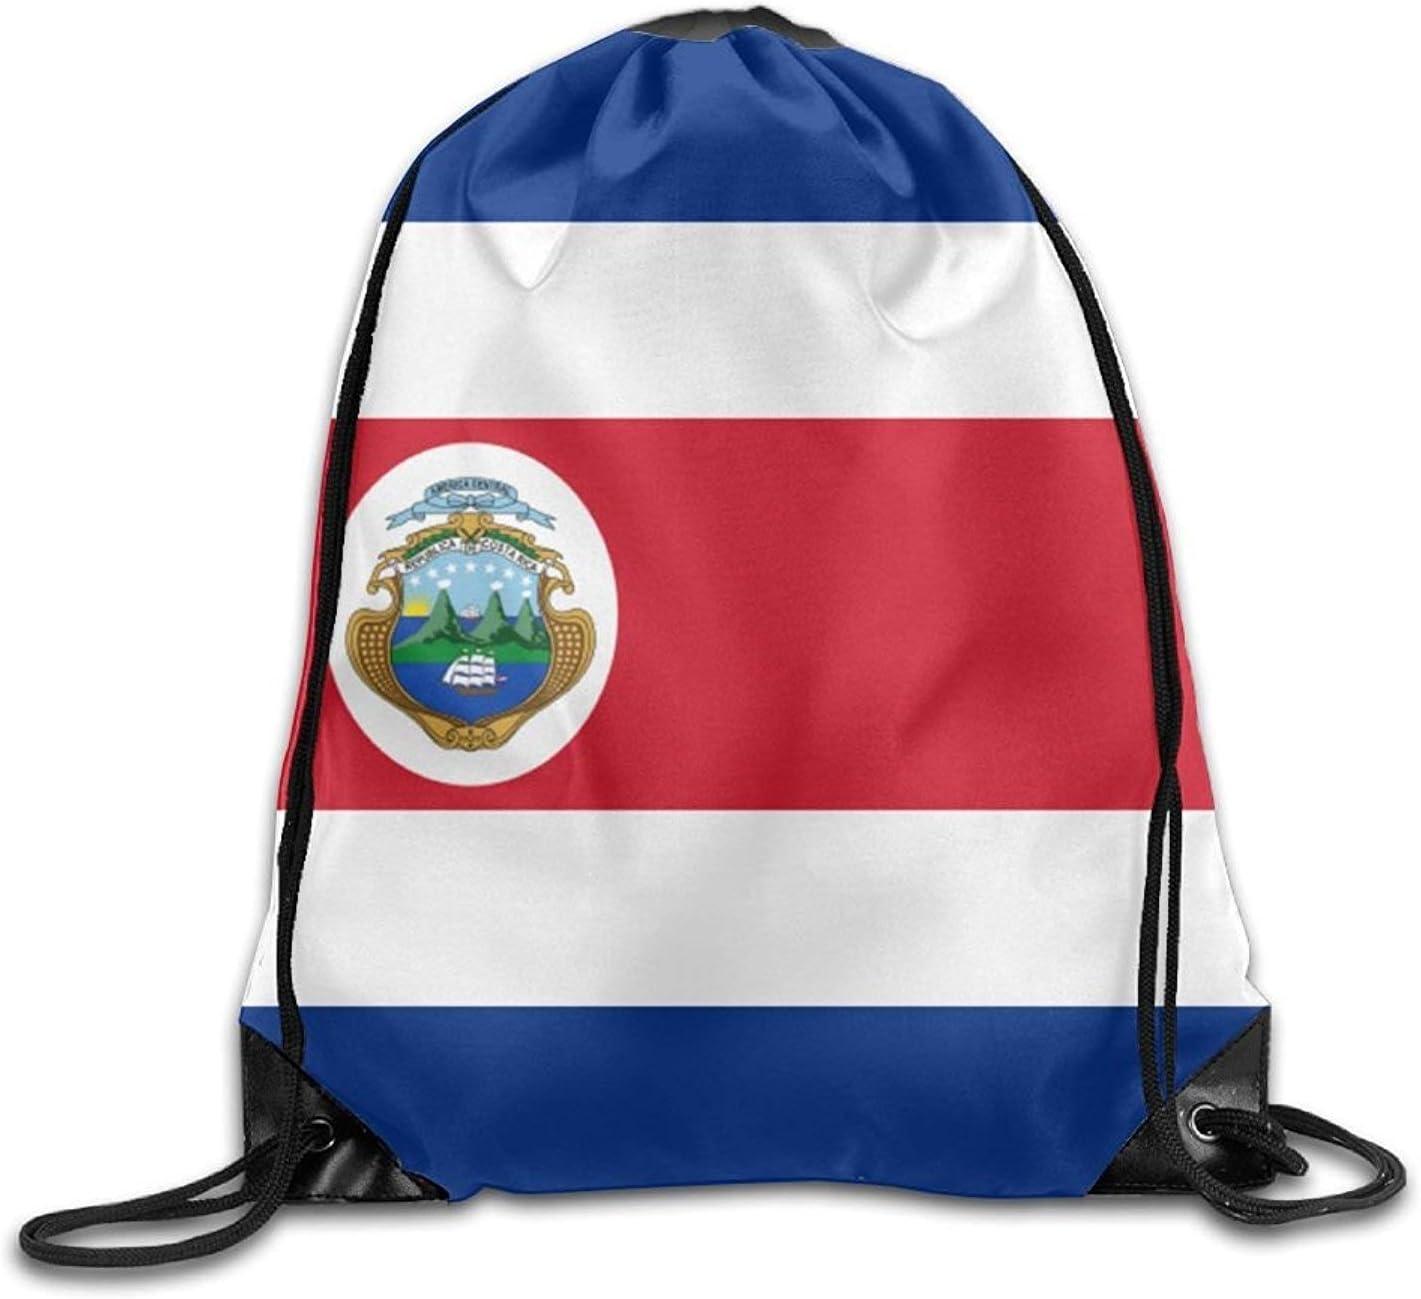 Bolsa de deporte de la bandera de Costa Rica personalizada con cordón, bolsa de almacenamiento portátil para camping, senderismo, natación, compras, senderismo, viajes, playa